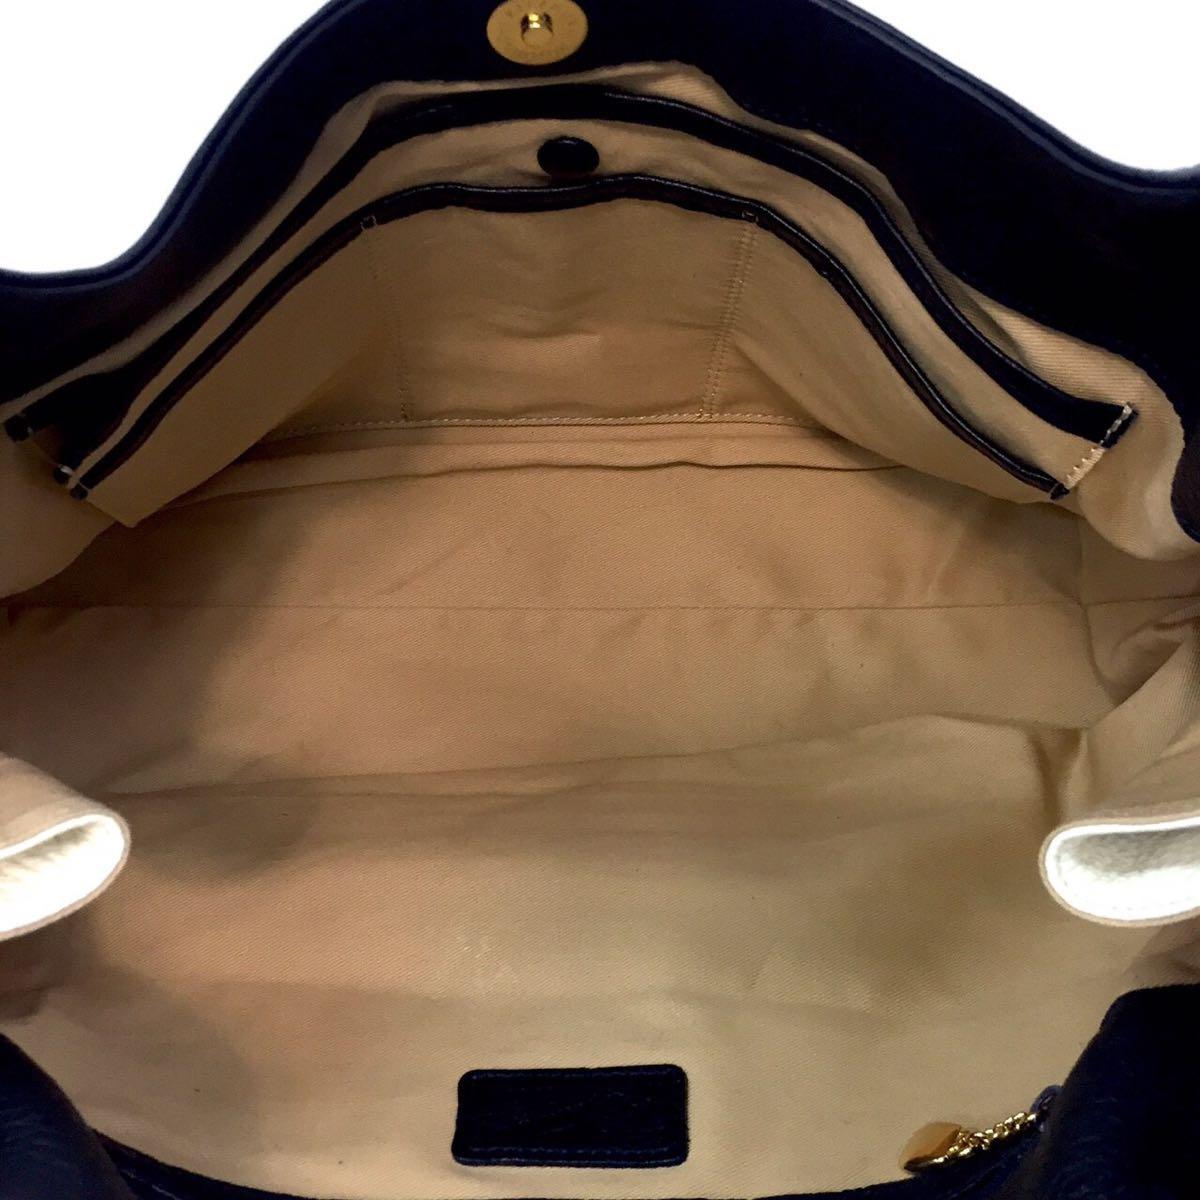 美品 キタムラ Kitamura レザー ショルダーバッグ トートバッグ ハンドバッグ ネイビー 紺 革 肩掛け_画像4